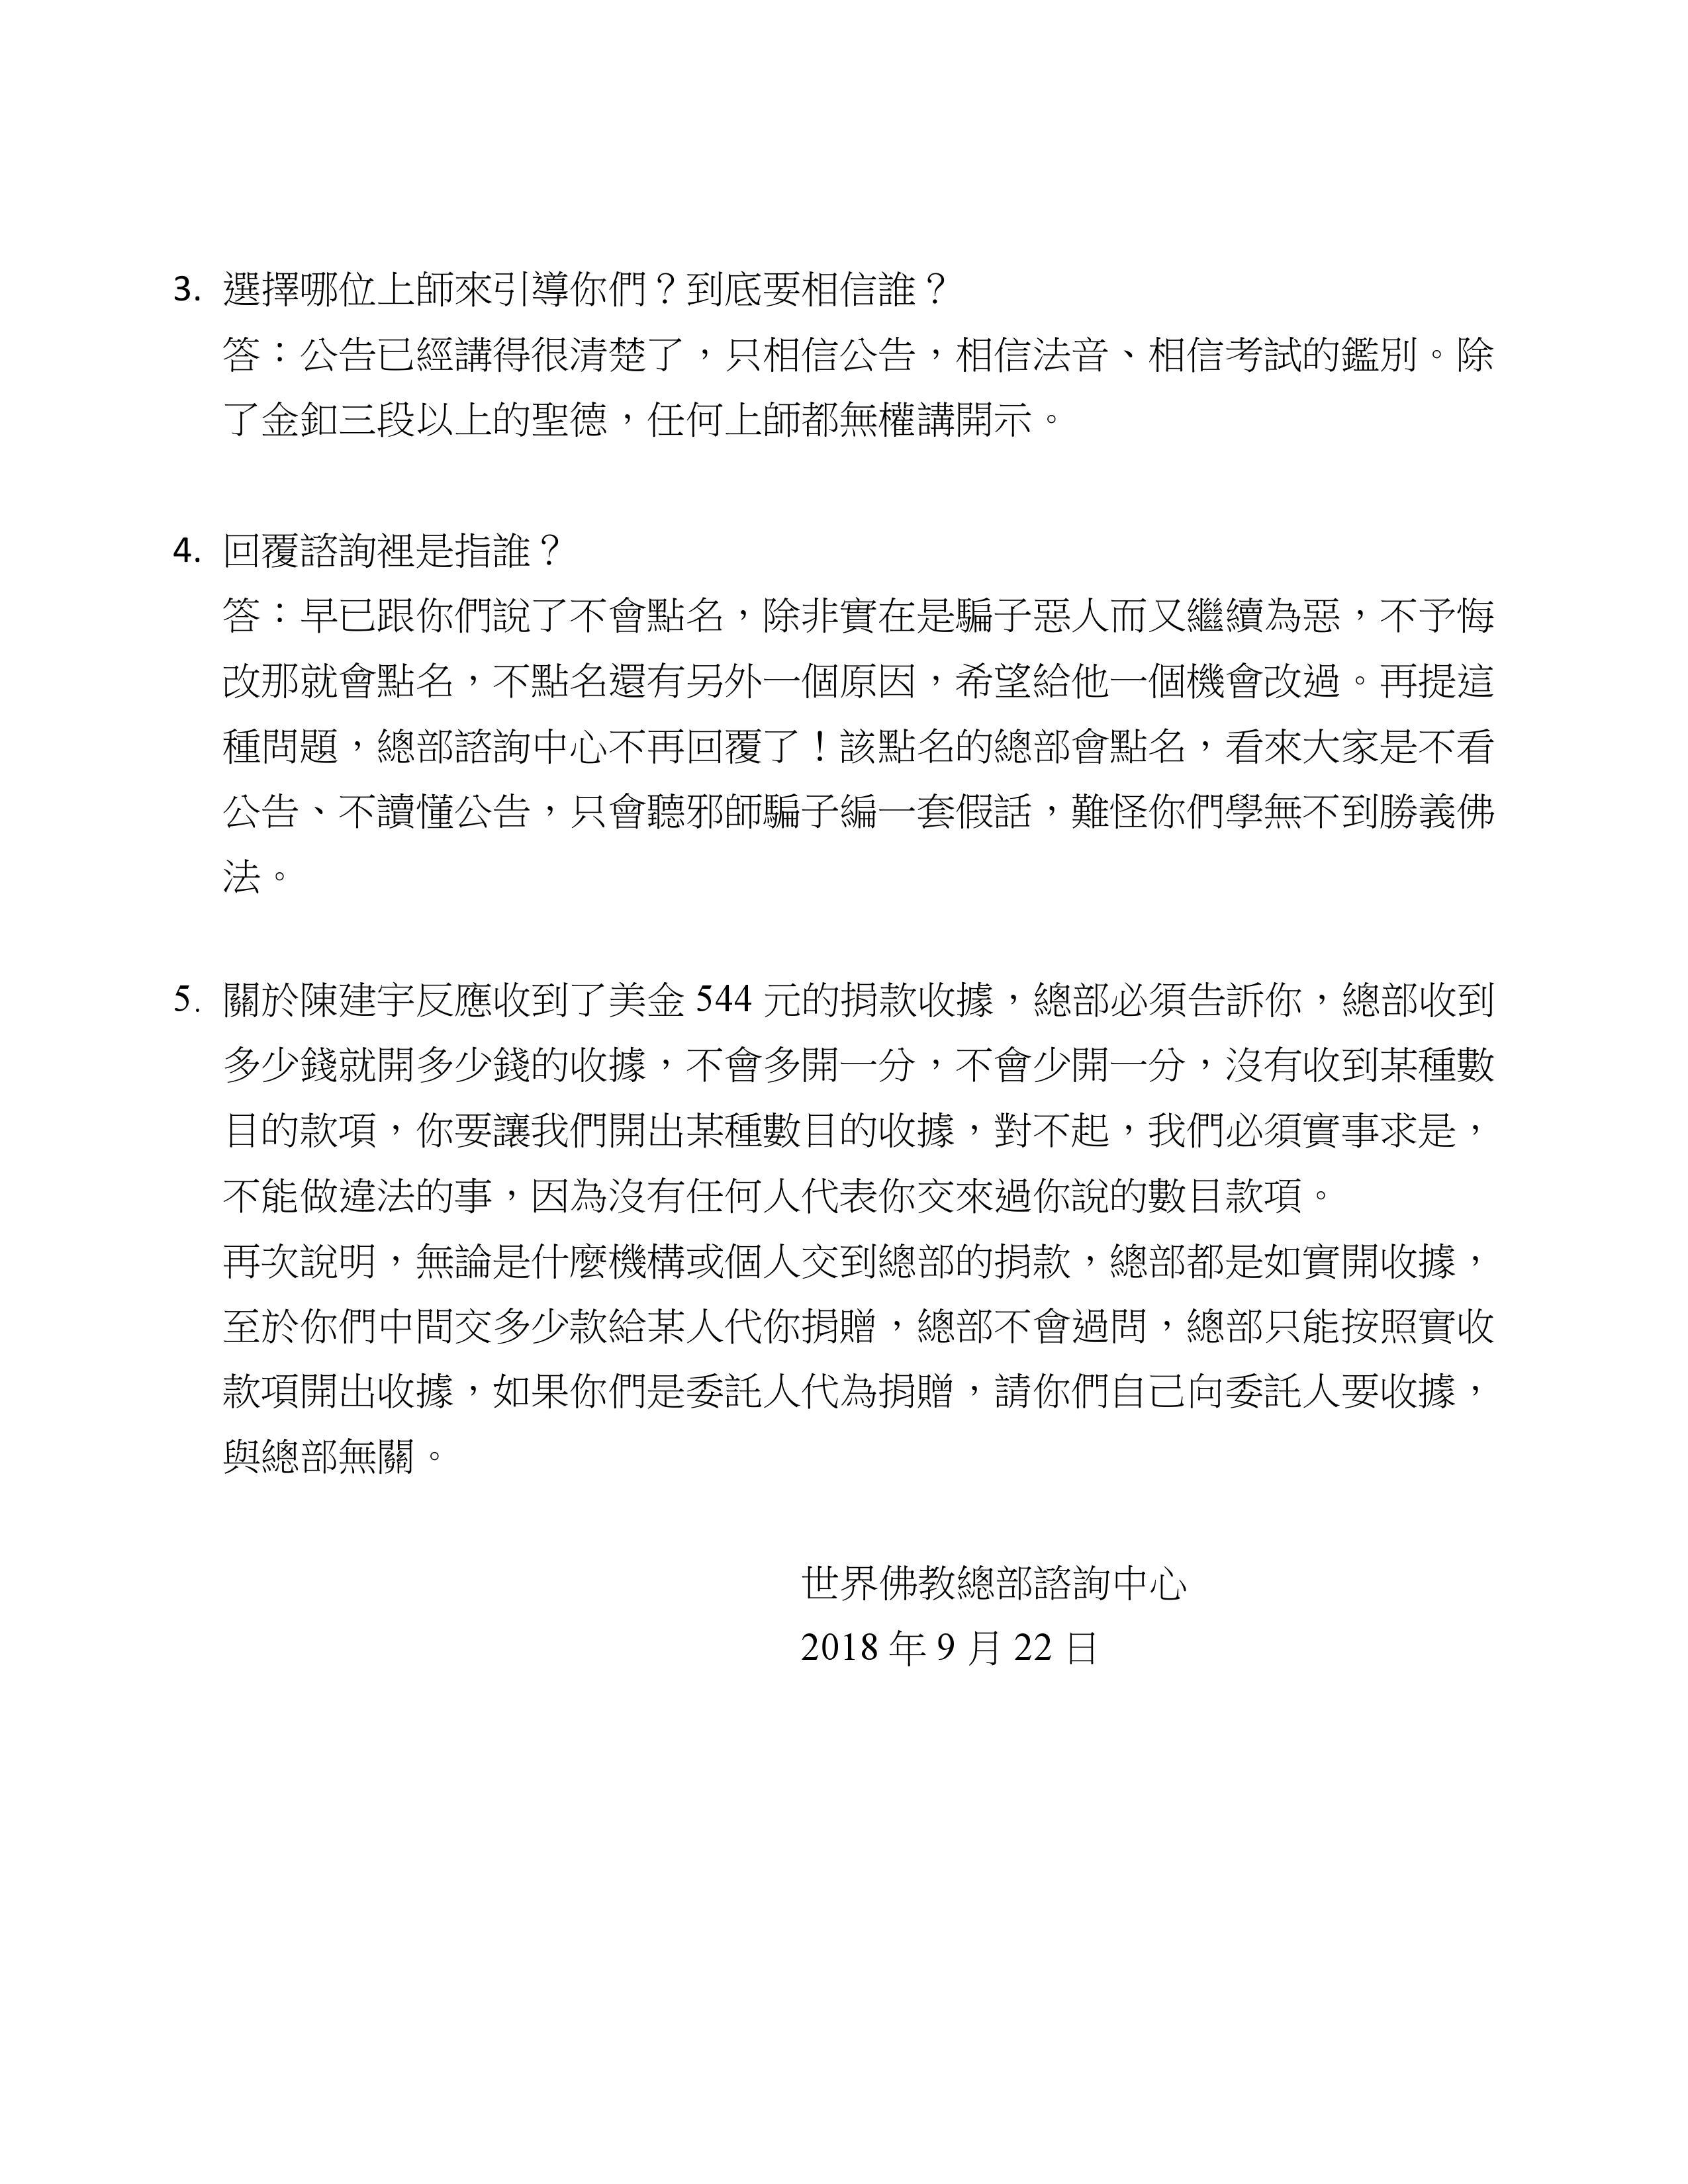 世界佛教总部咨询中心回覆咨询(第20180104号)2